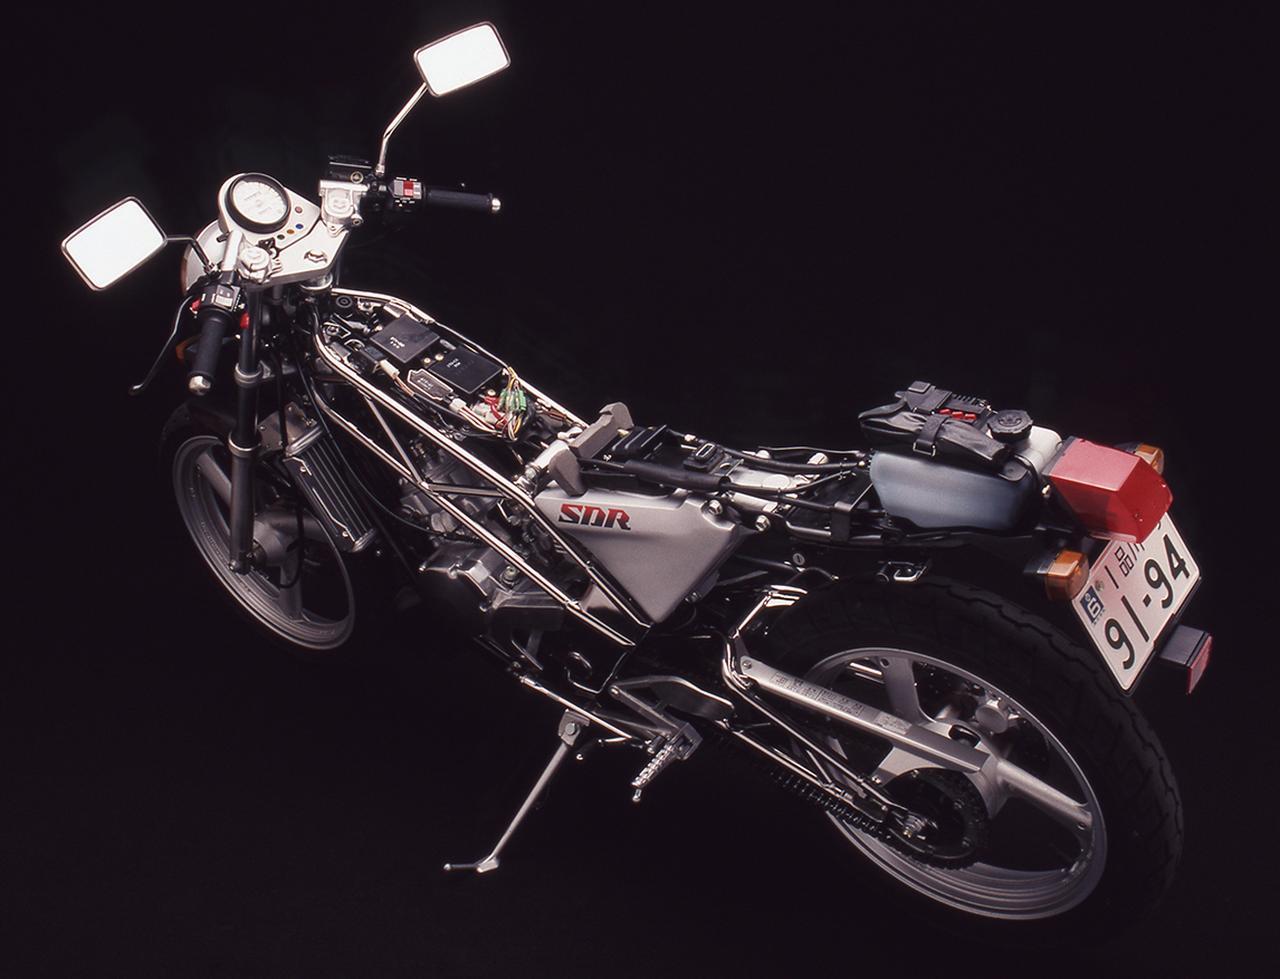 Images : 2番目の画像 - SDRの写真をまとめて見る - webオートバイ